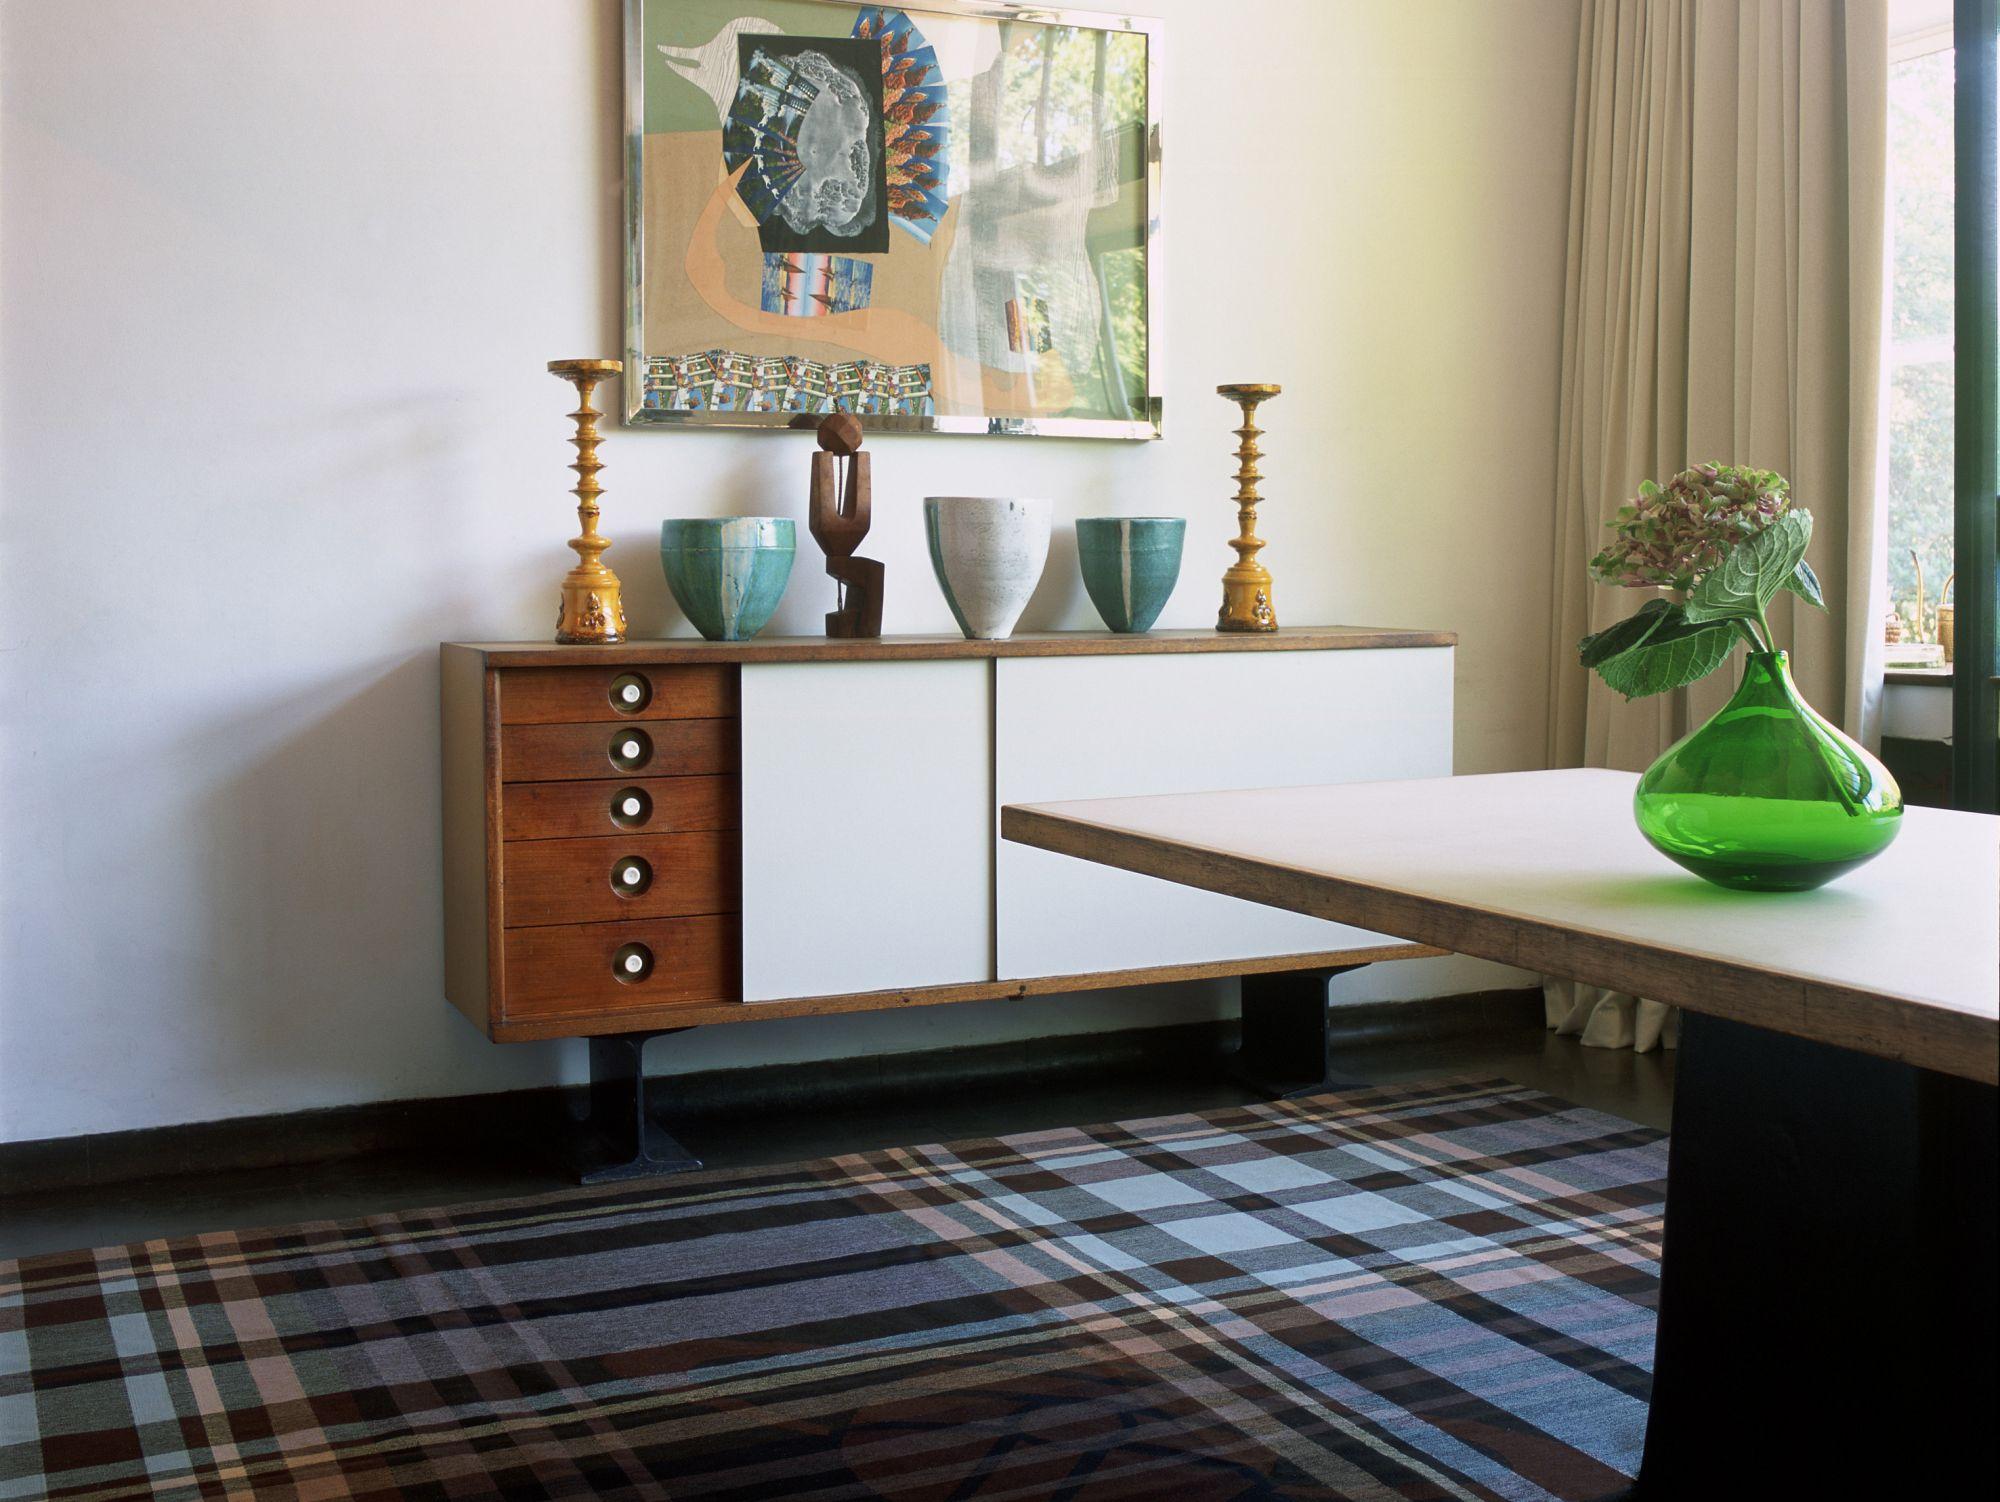 讓人捨不得踩上去的毯上藝術!時尚設計師加持超潮地毯,家裡瞬變精品屋